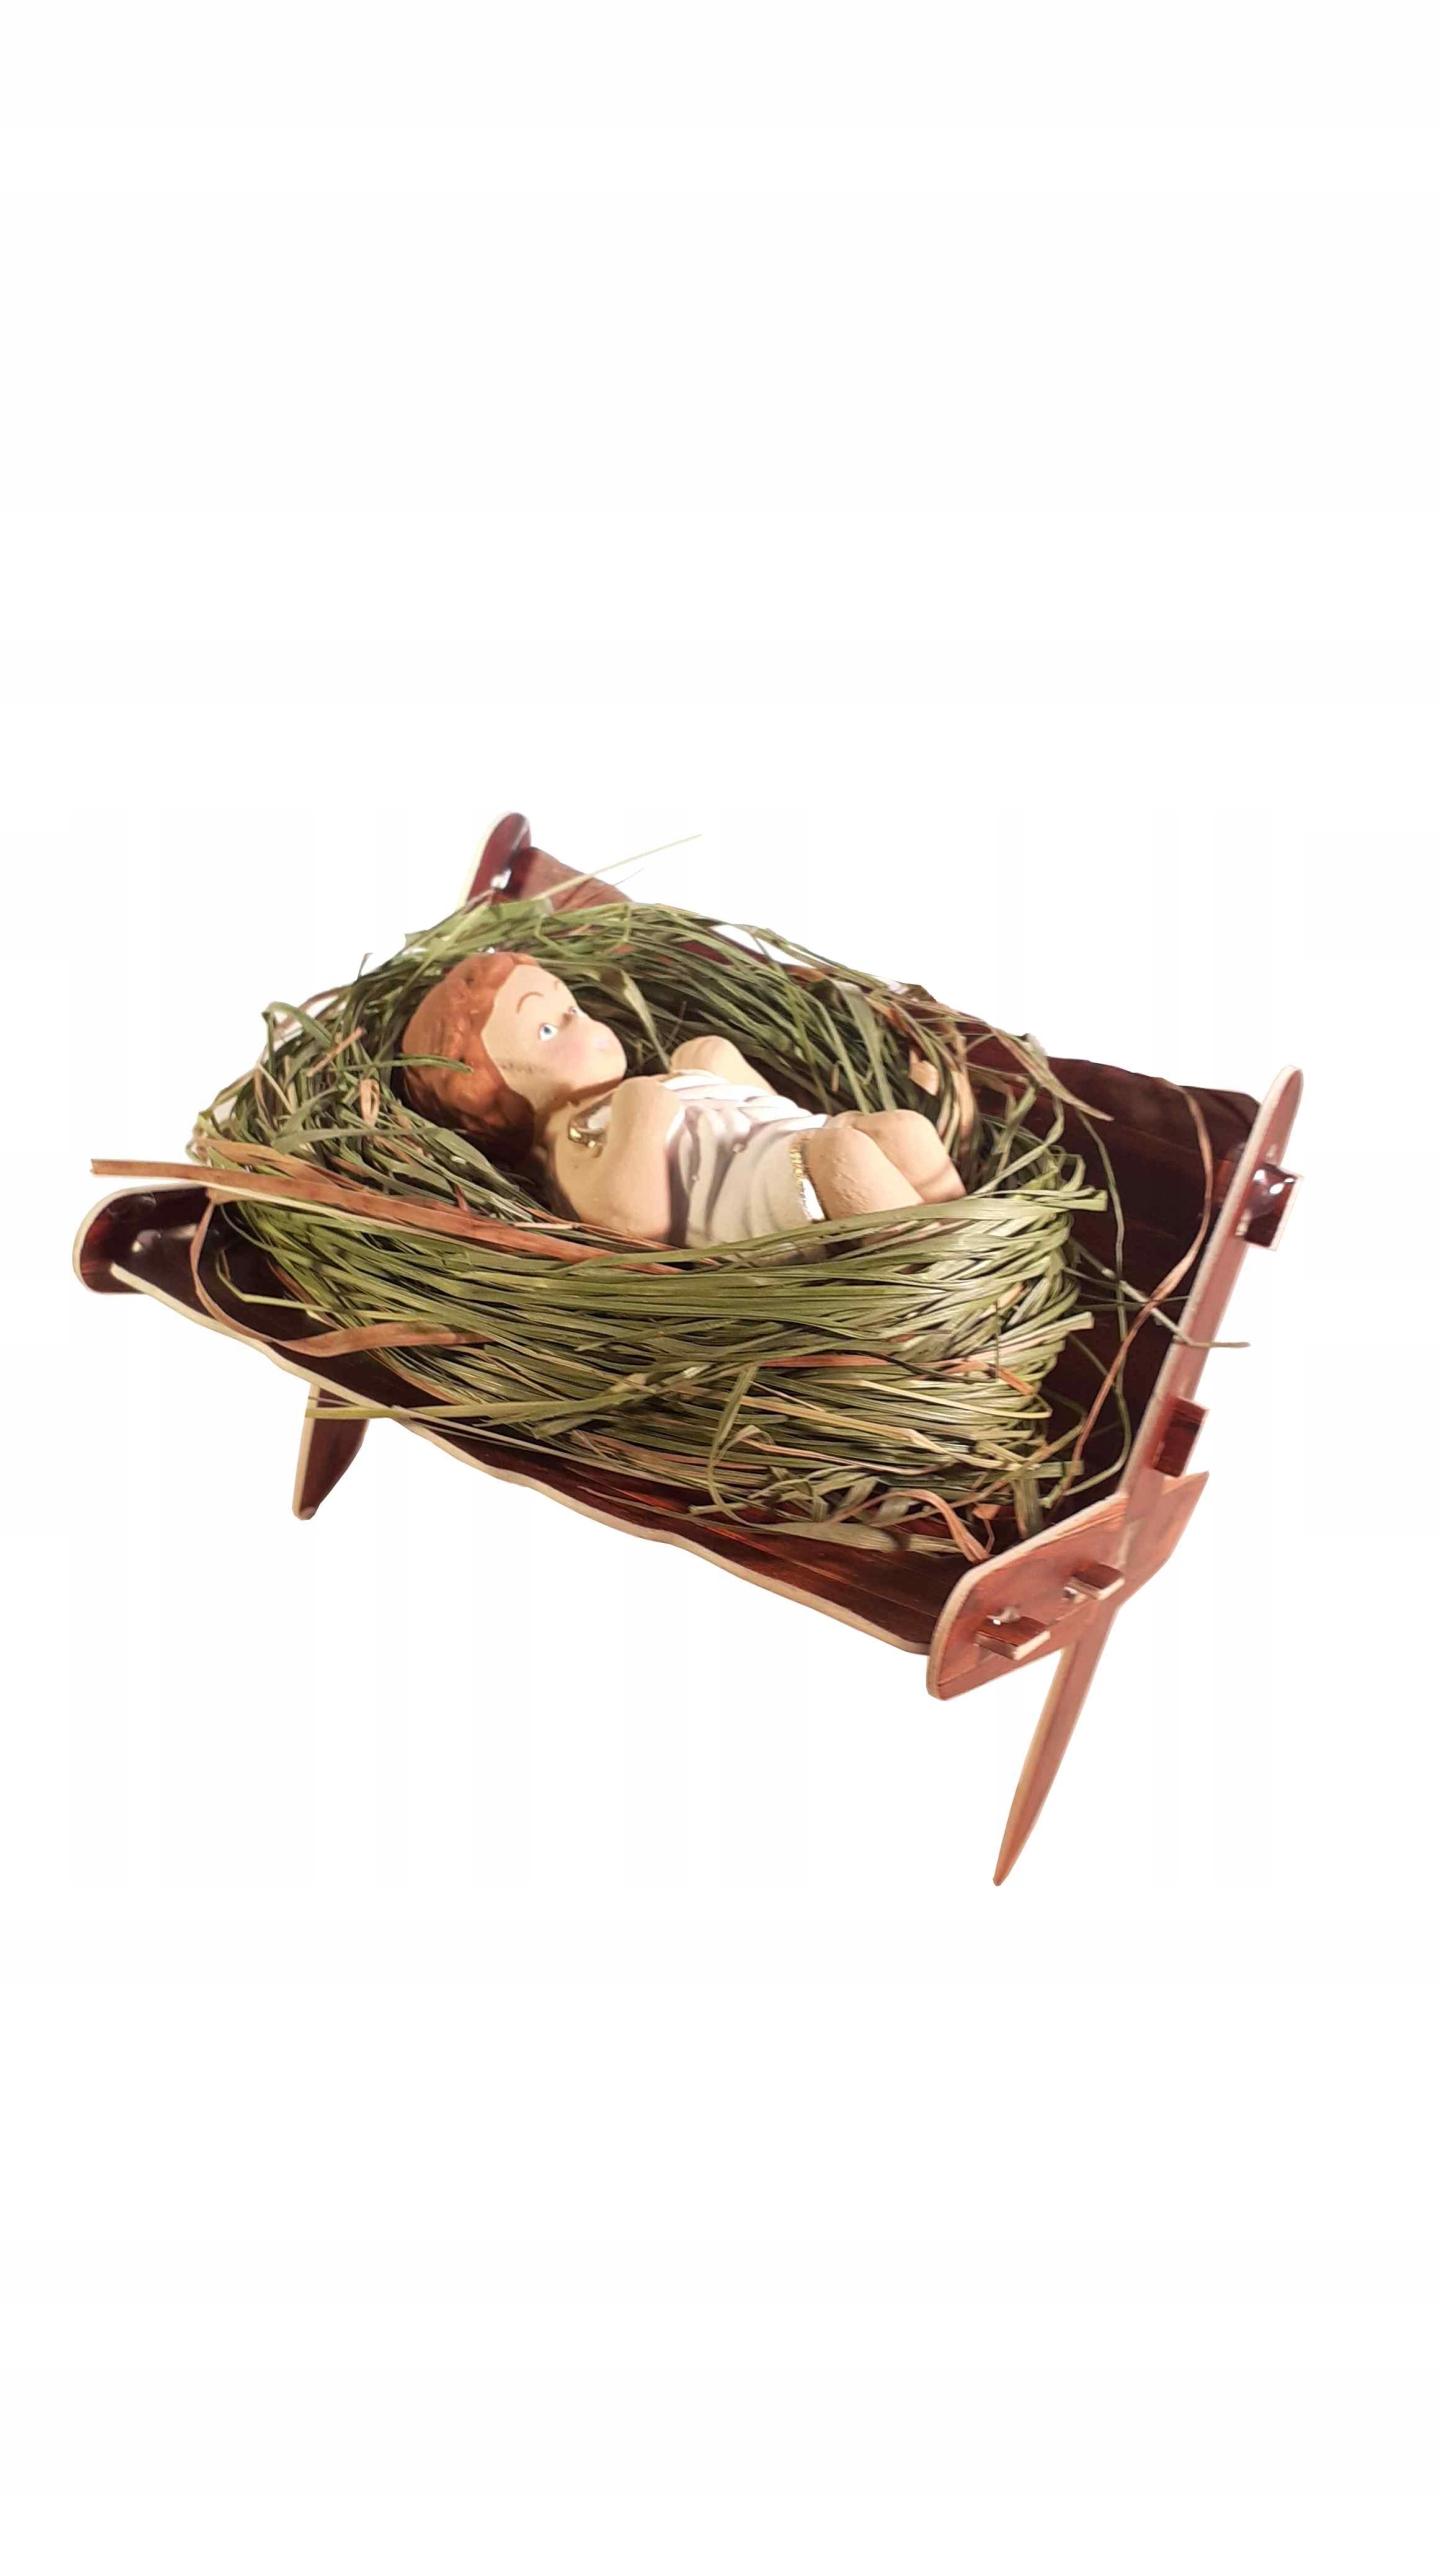 Младенец Иисус на сене. Детская. Рождественские украшения.